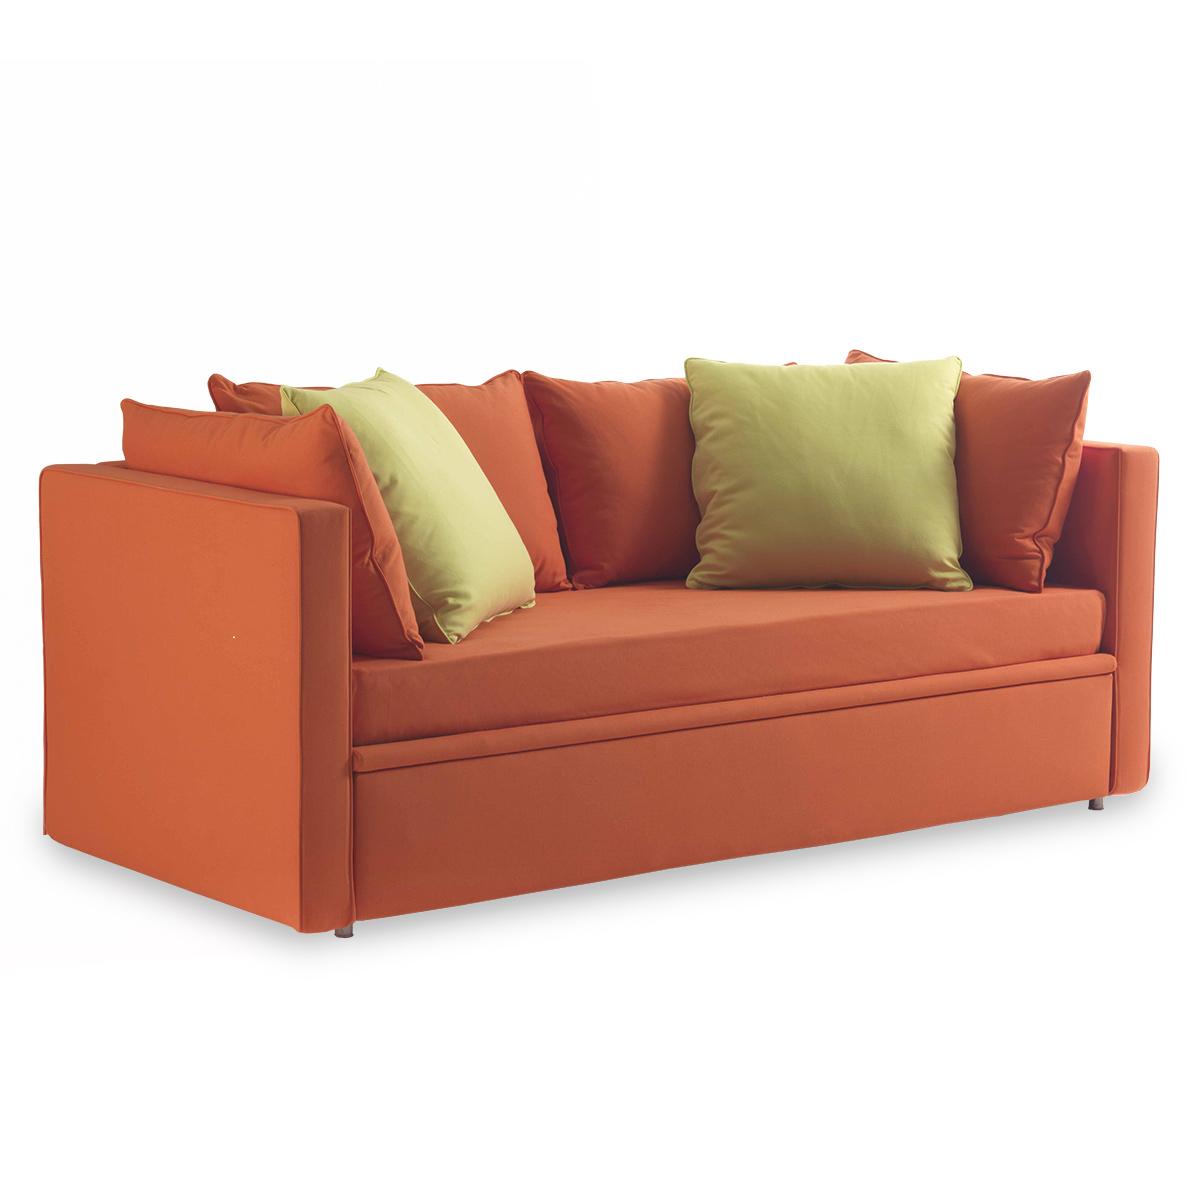 Canap lit gigogne quimper meubles et atmosph re - Canape tres confortable ...